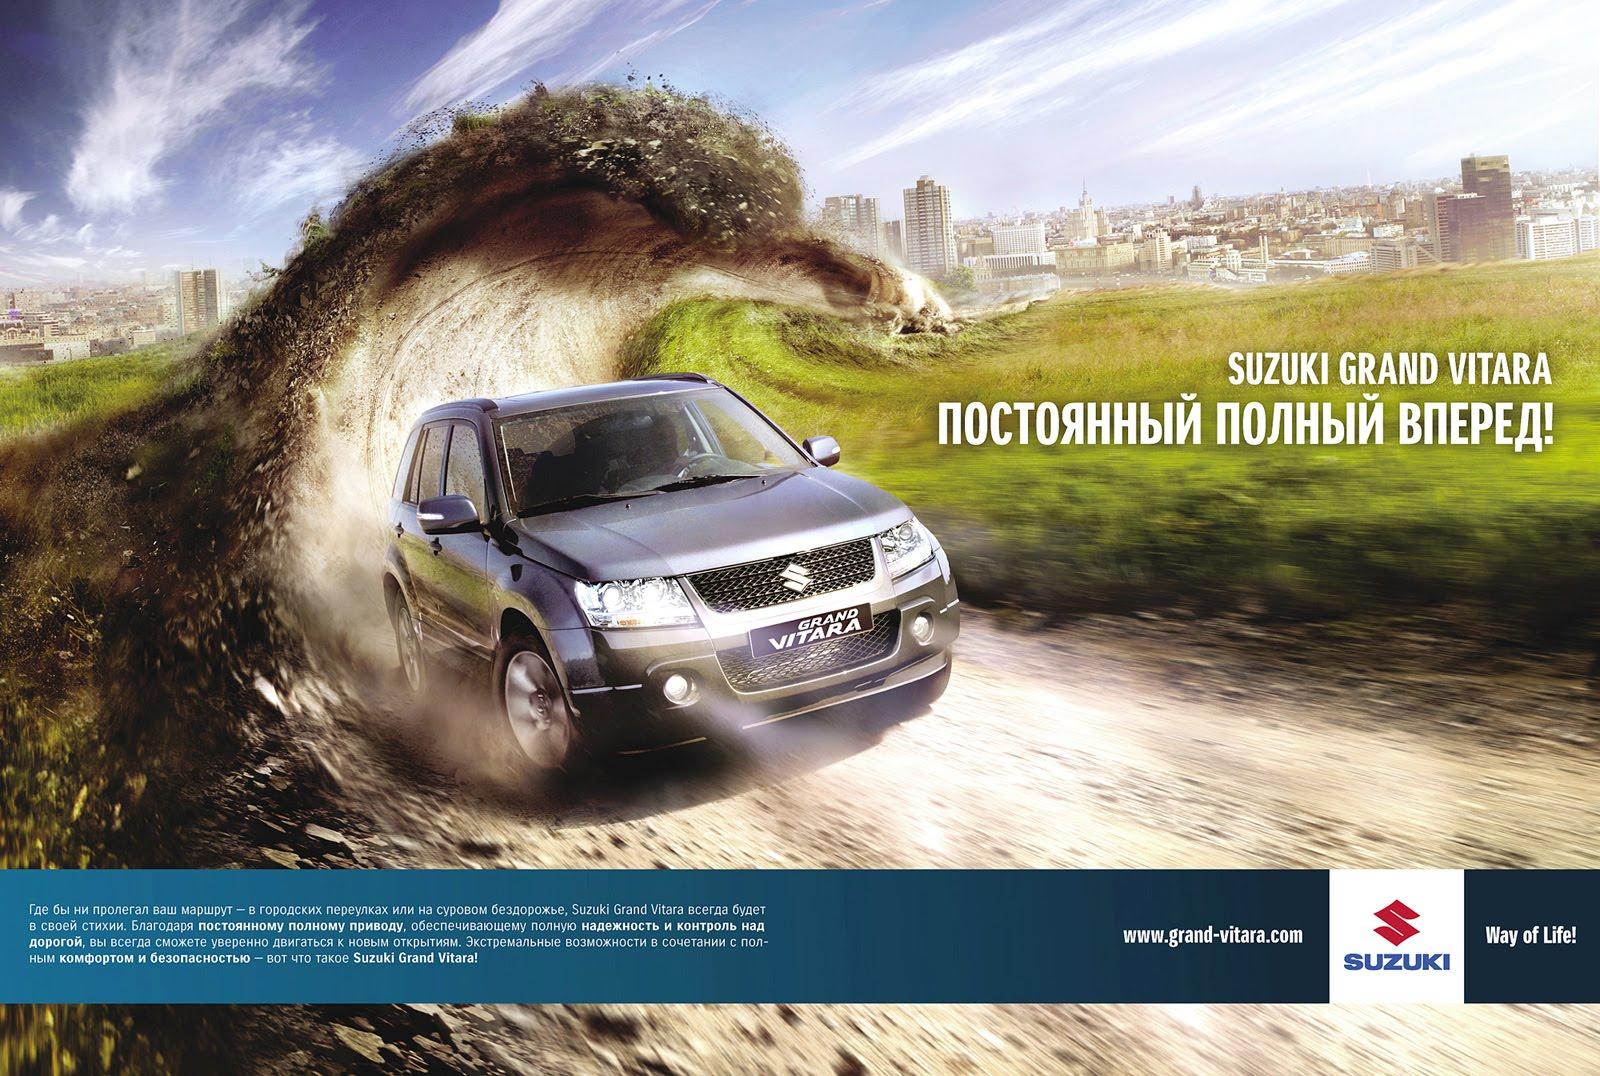 Suzuki Grand Vitara: Off-road Surfing title=